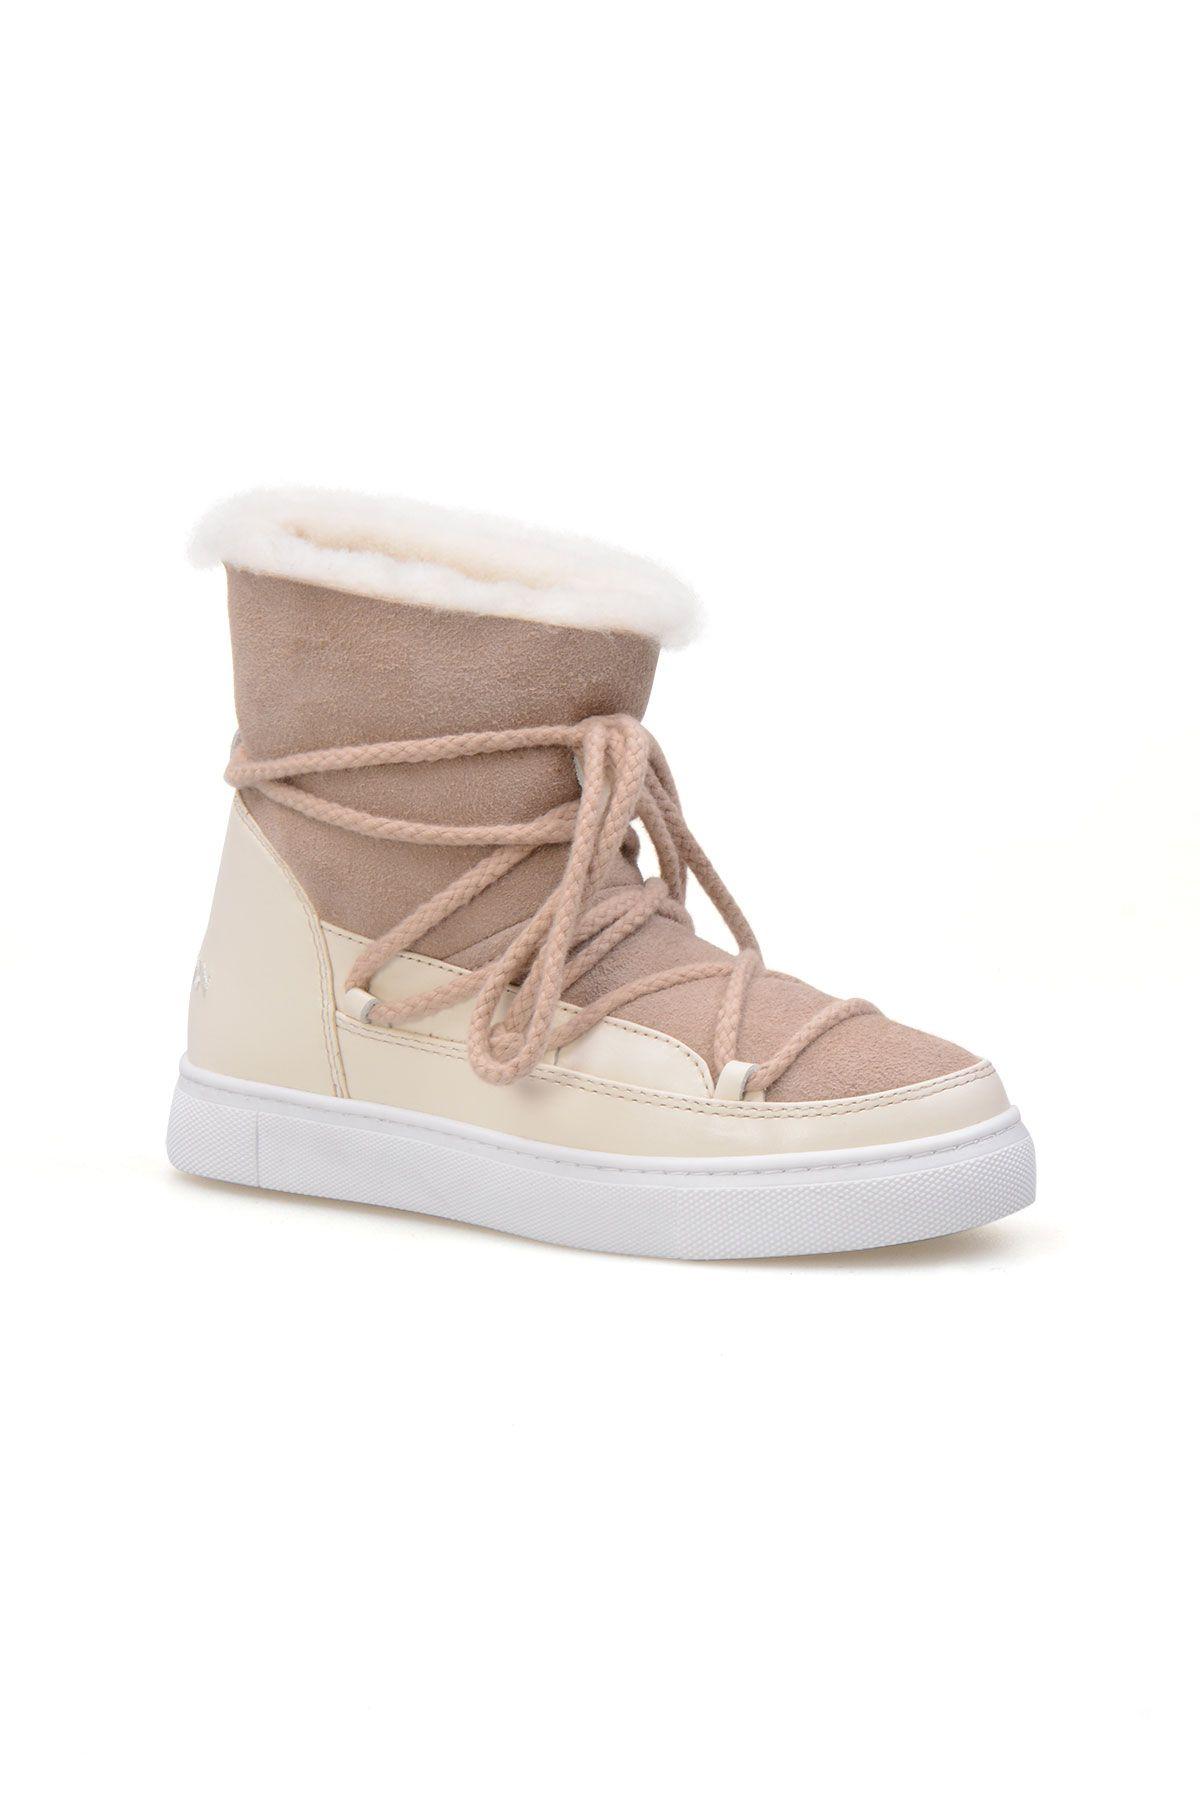 Cool Moon Genuine Suede Shearling Lined Women's Sneaker 355050 Beige